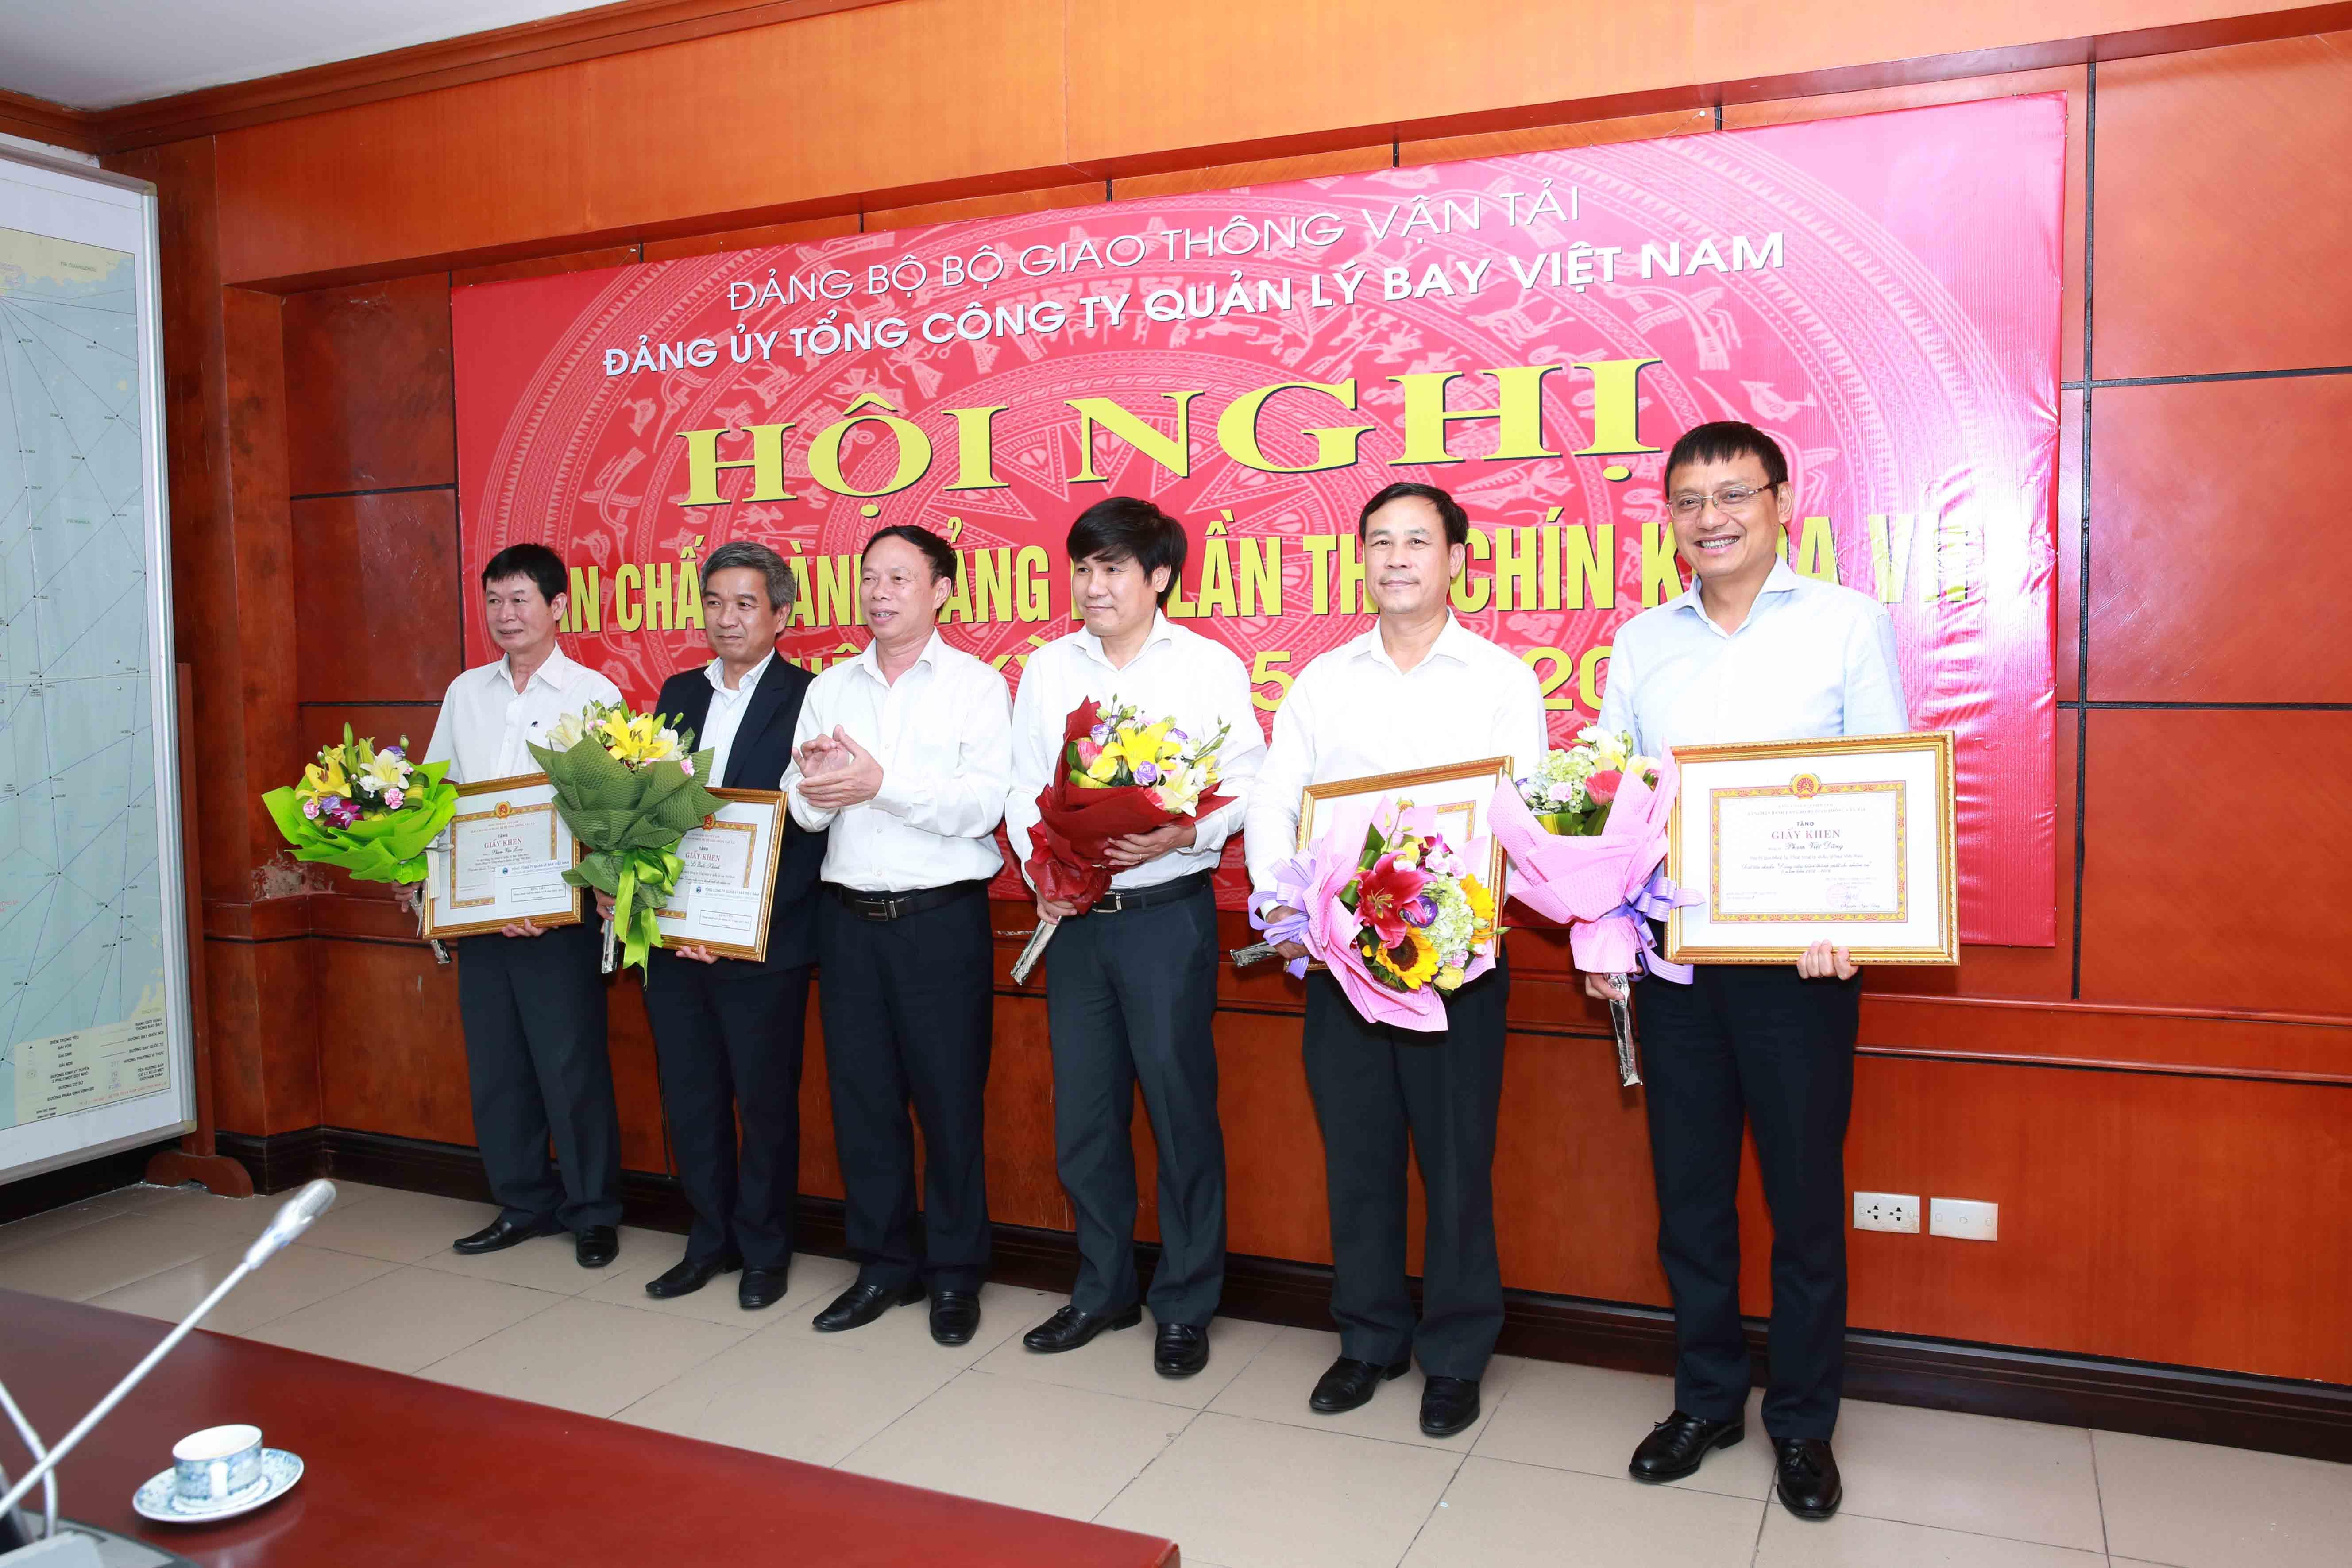 Hội nghị Ban chấp hành Đảng bộ Tổng công ty Quản lý bay Việt Nam lần thứ 9 khóa VII, nhiệm kỳ 2015- 2020